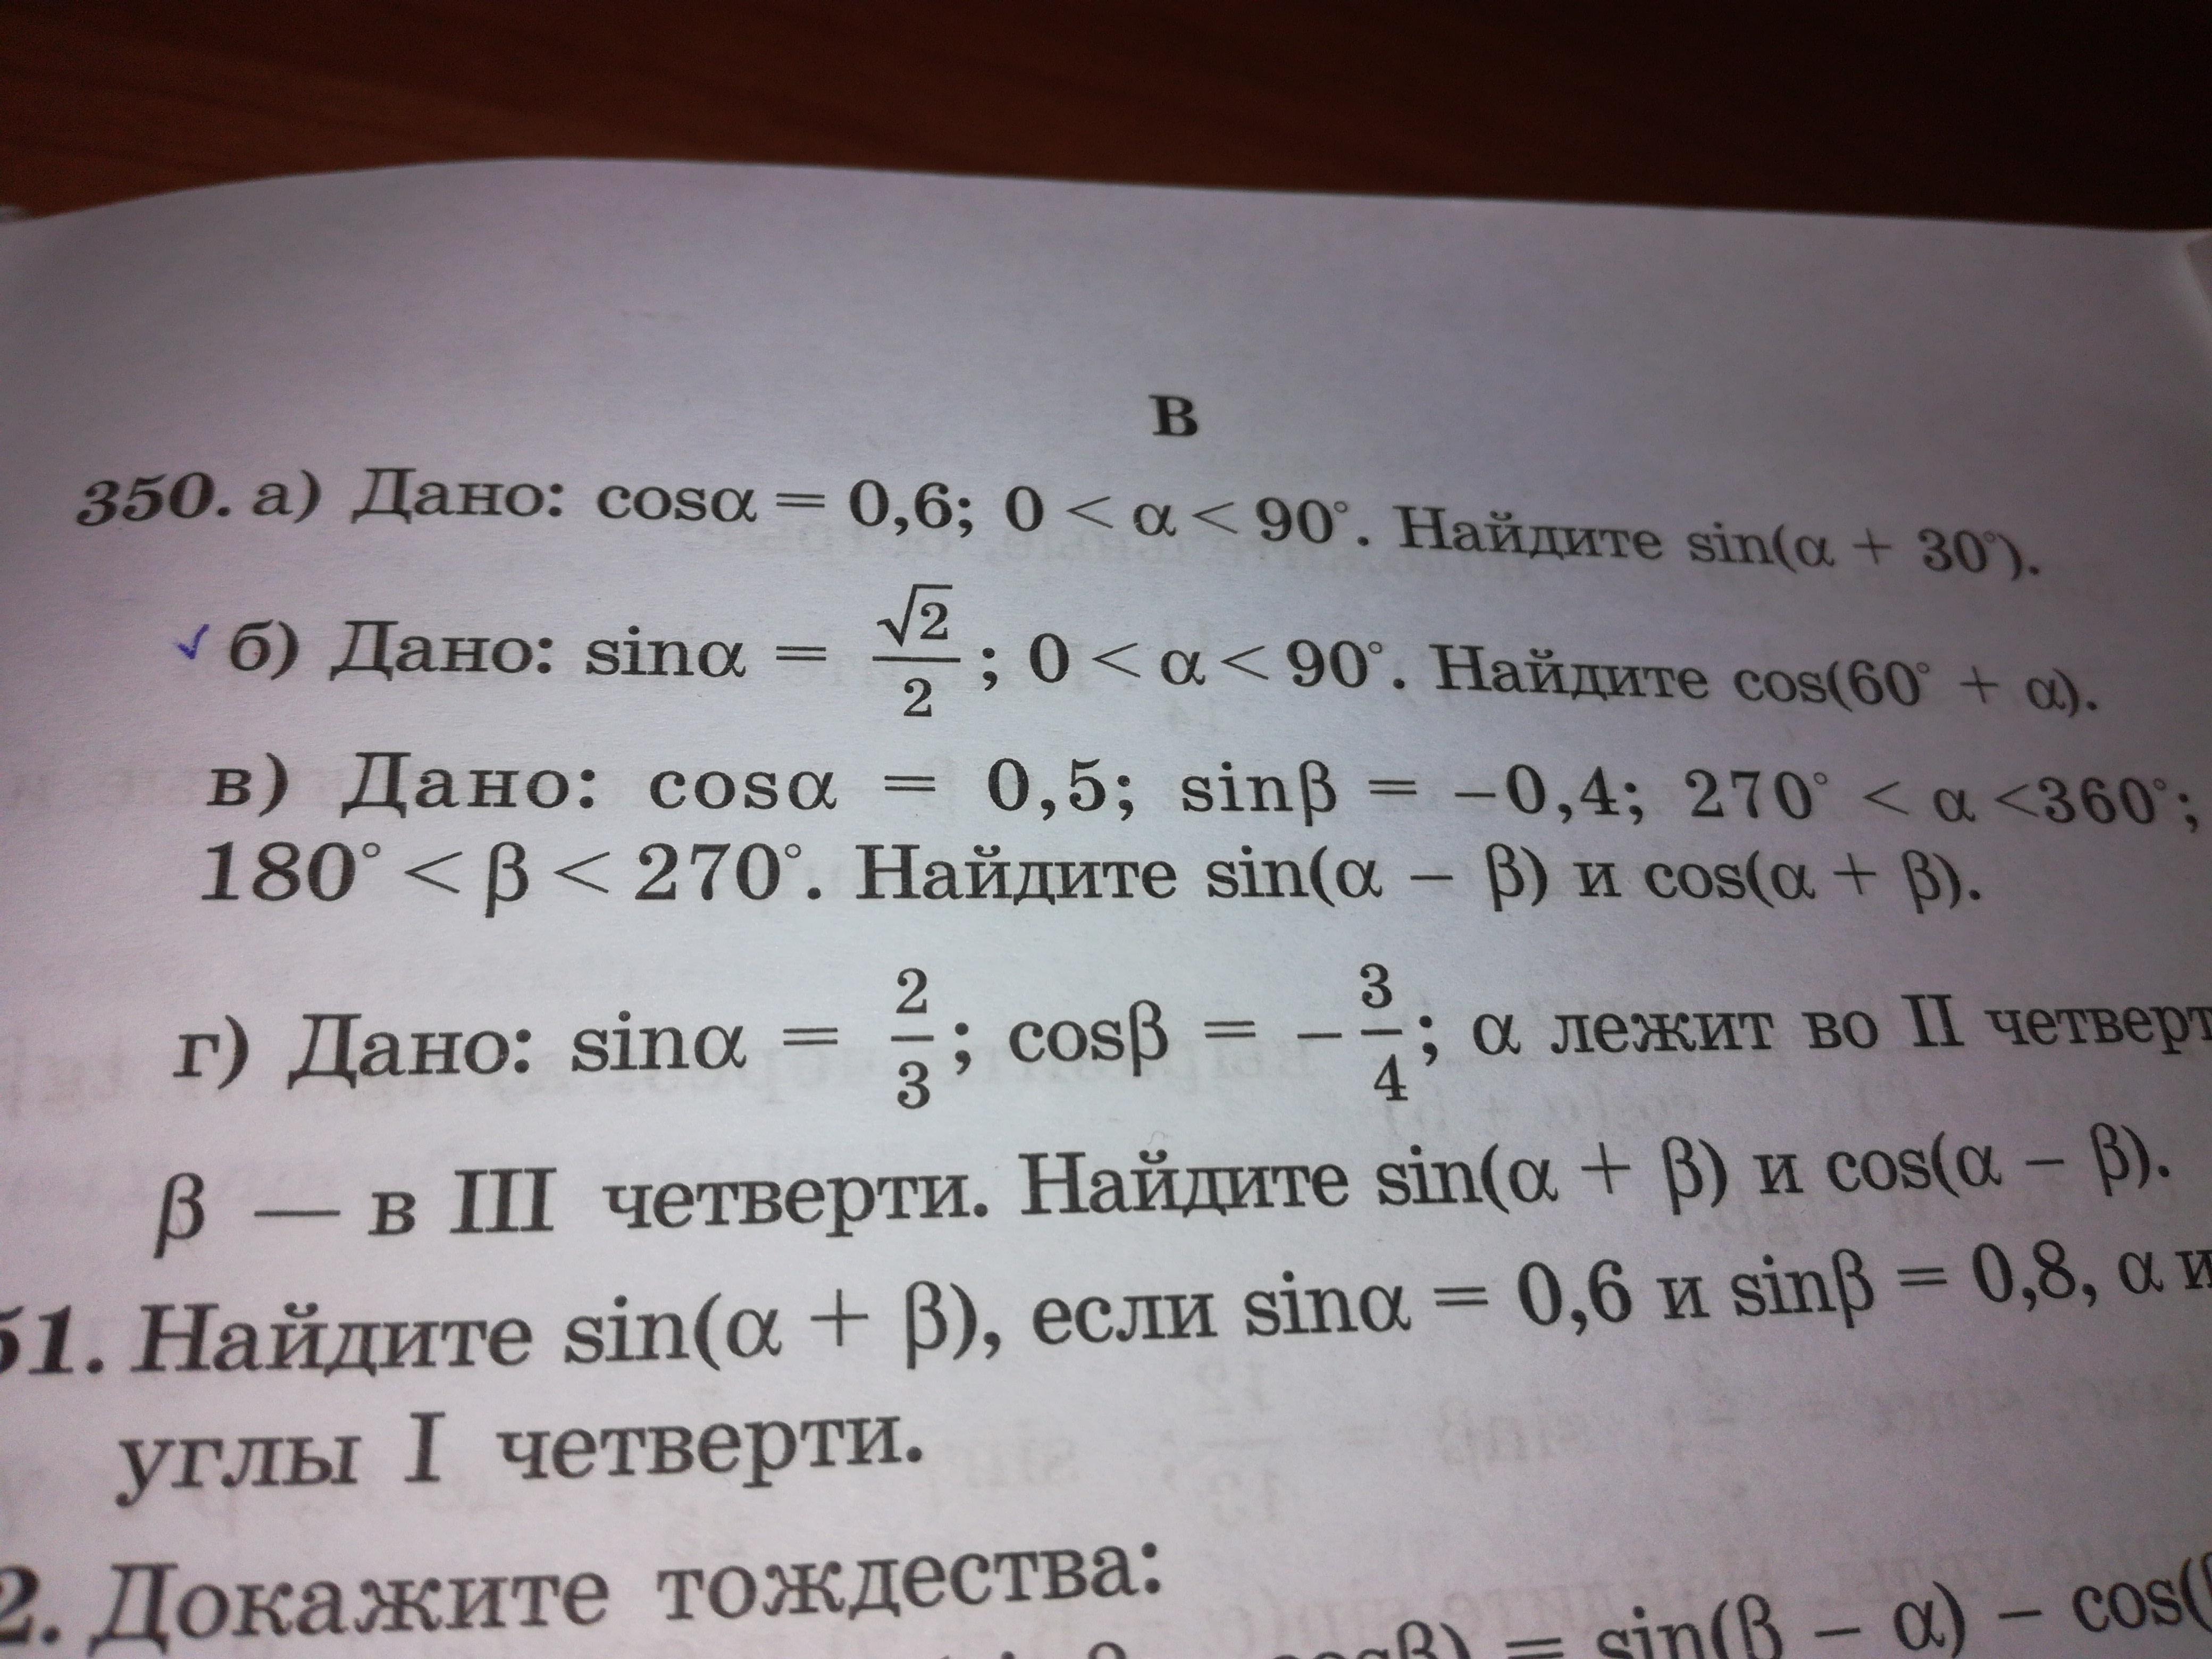 Помогите пожалуйста 350(а, б)делать по формуле сложения?